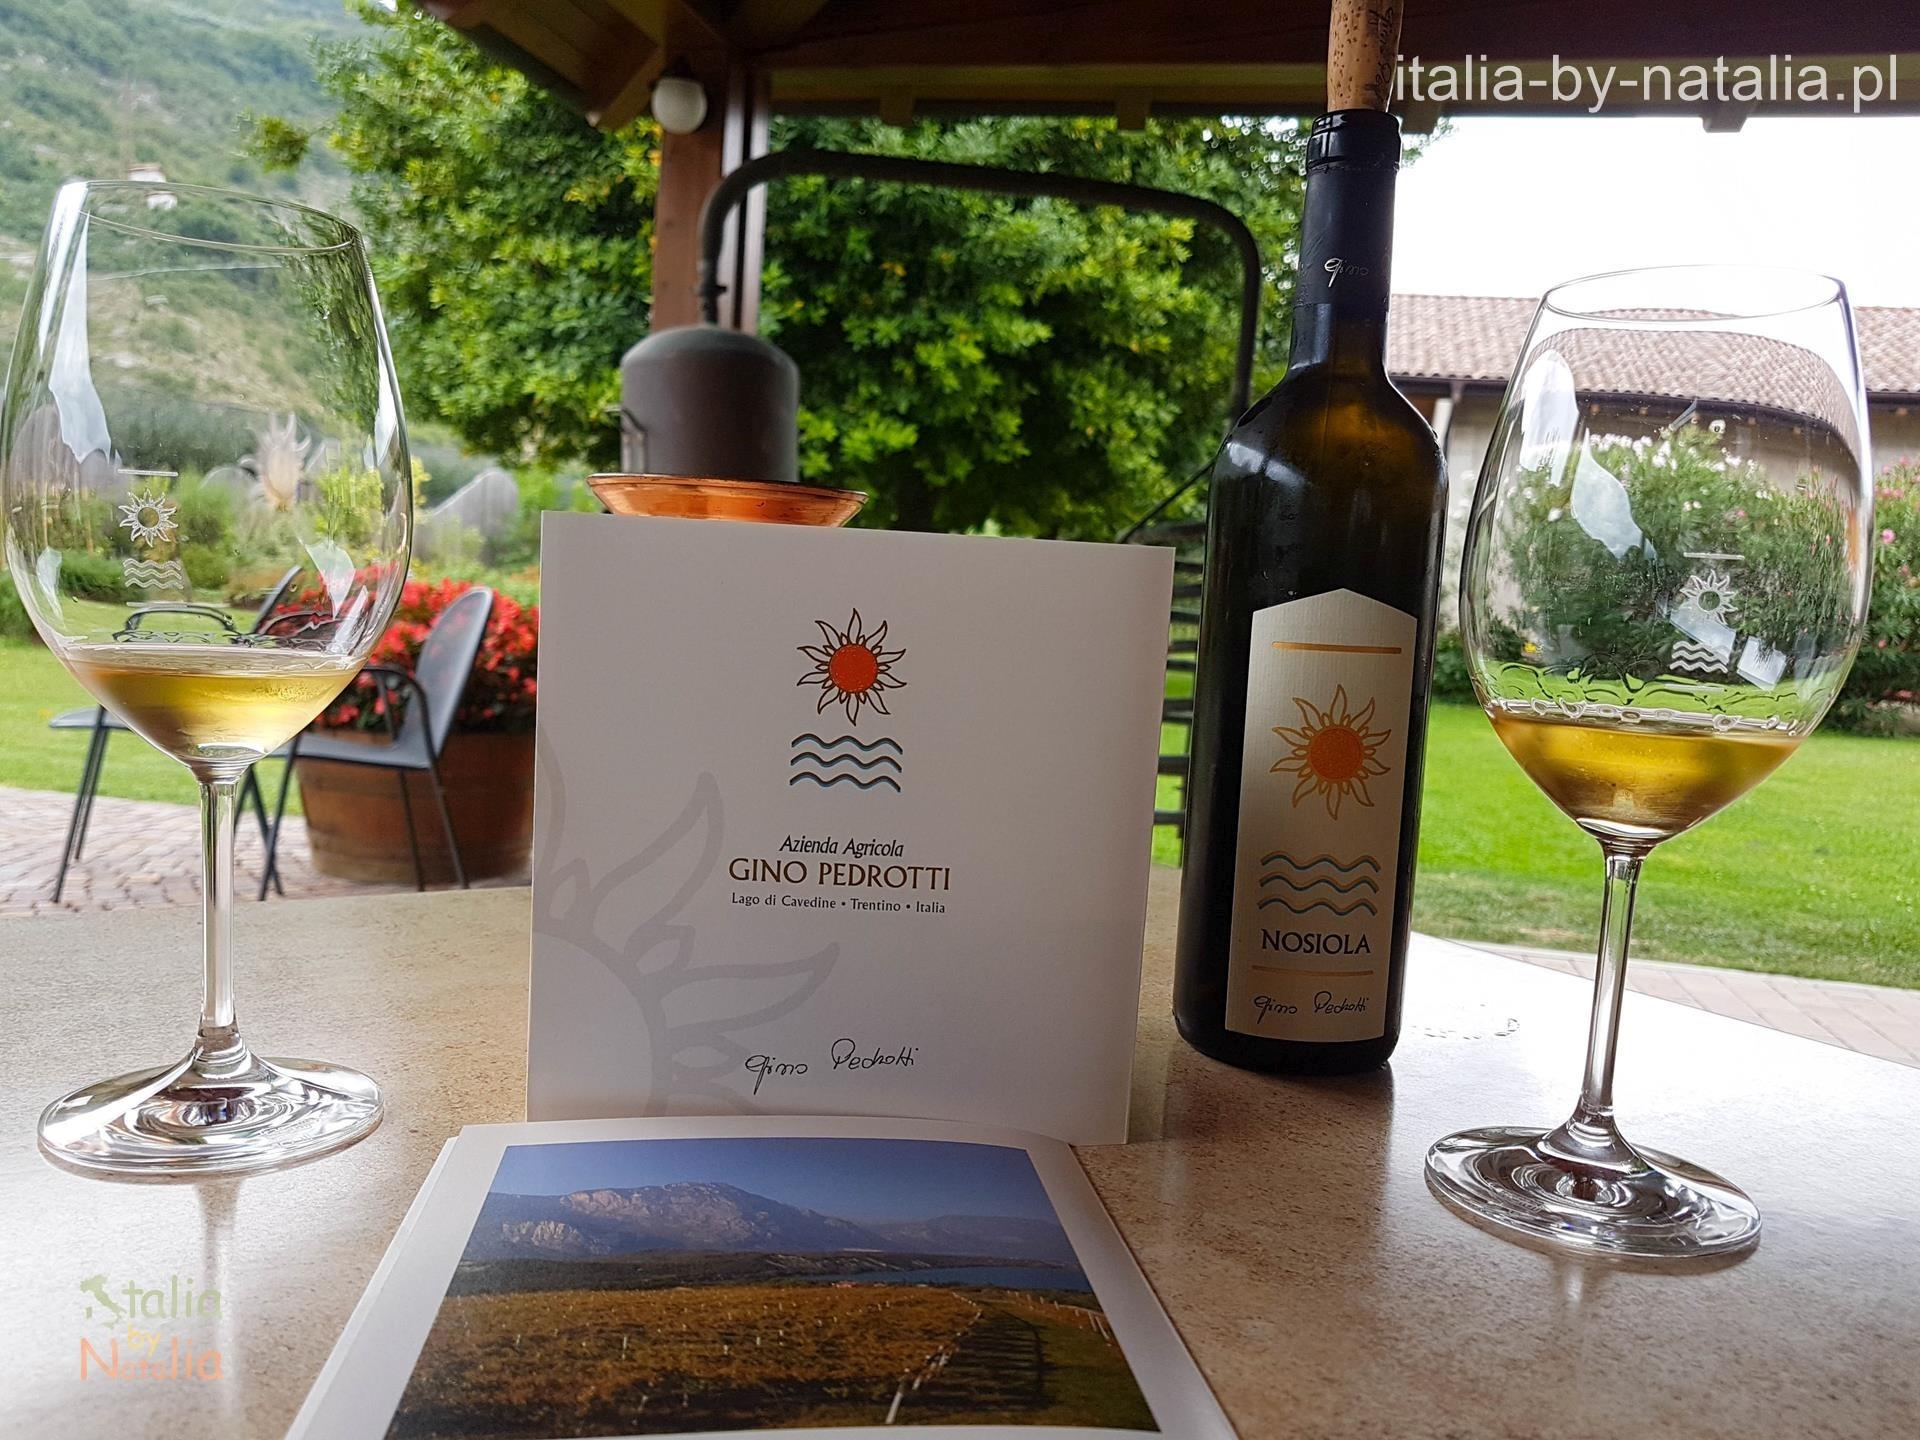 Gino Pedrotti Trentino degustacja wino vino santo nosiola